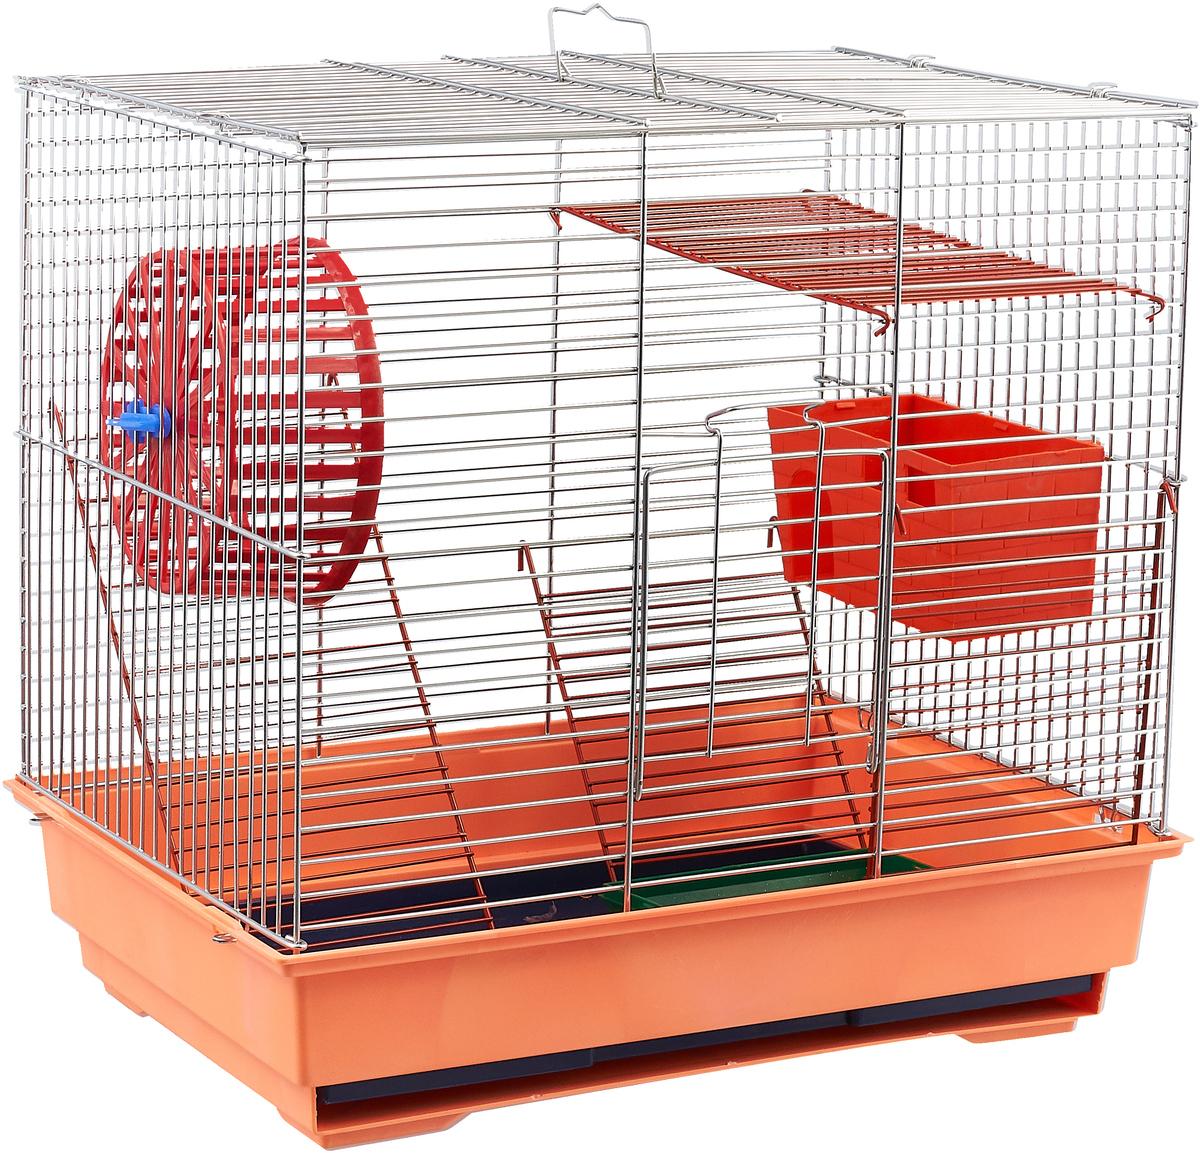 Клетка для грызунов Велес Lusy 3, 3-этажная, разборная, 30 х 42 х 45 см305Качественные и красивые клетки Велес для грызунов дадут вам и вашему любимцу уверенность в том, что у него есть свой дом, в котором комфортно и удобно.